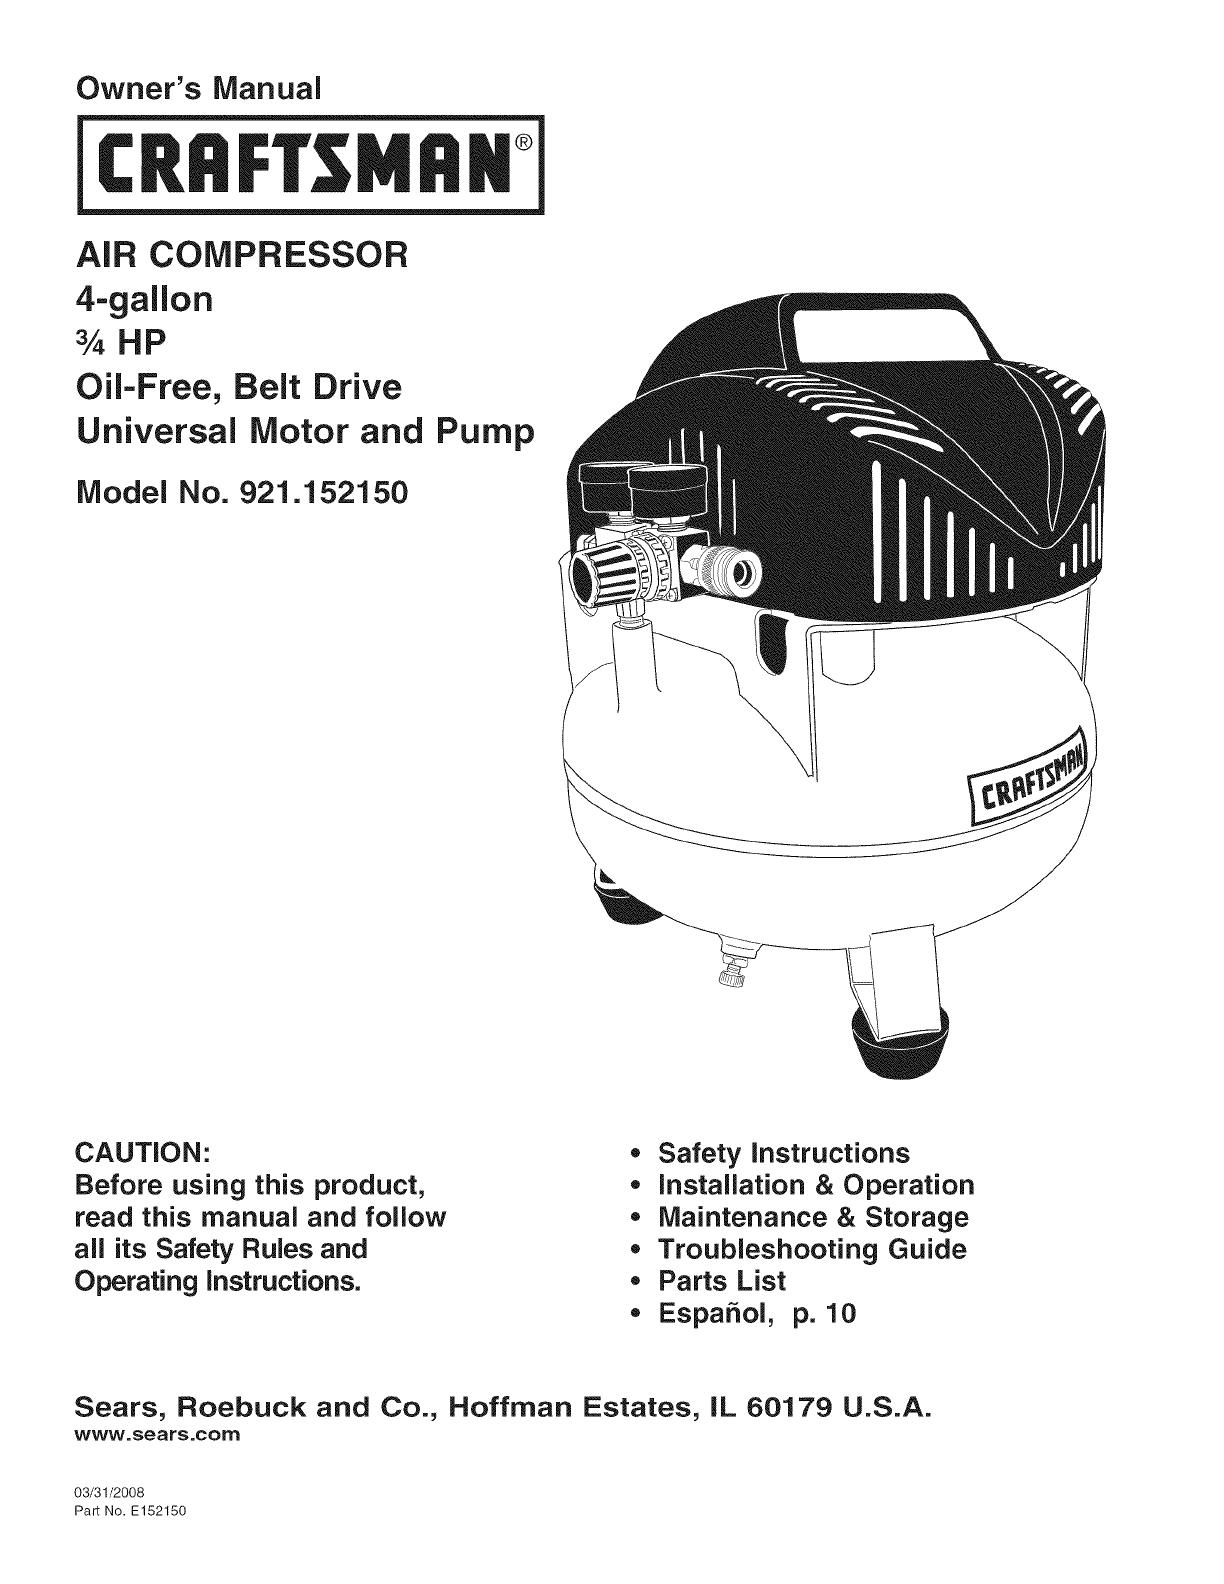 Husky 4 Gallon Air Compressor Manual England Manual Guide